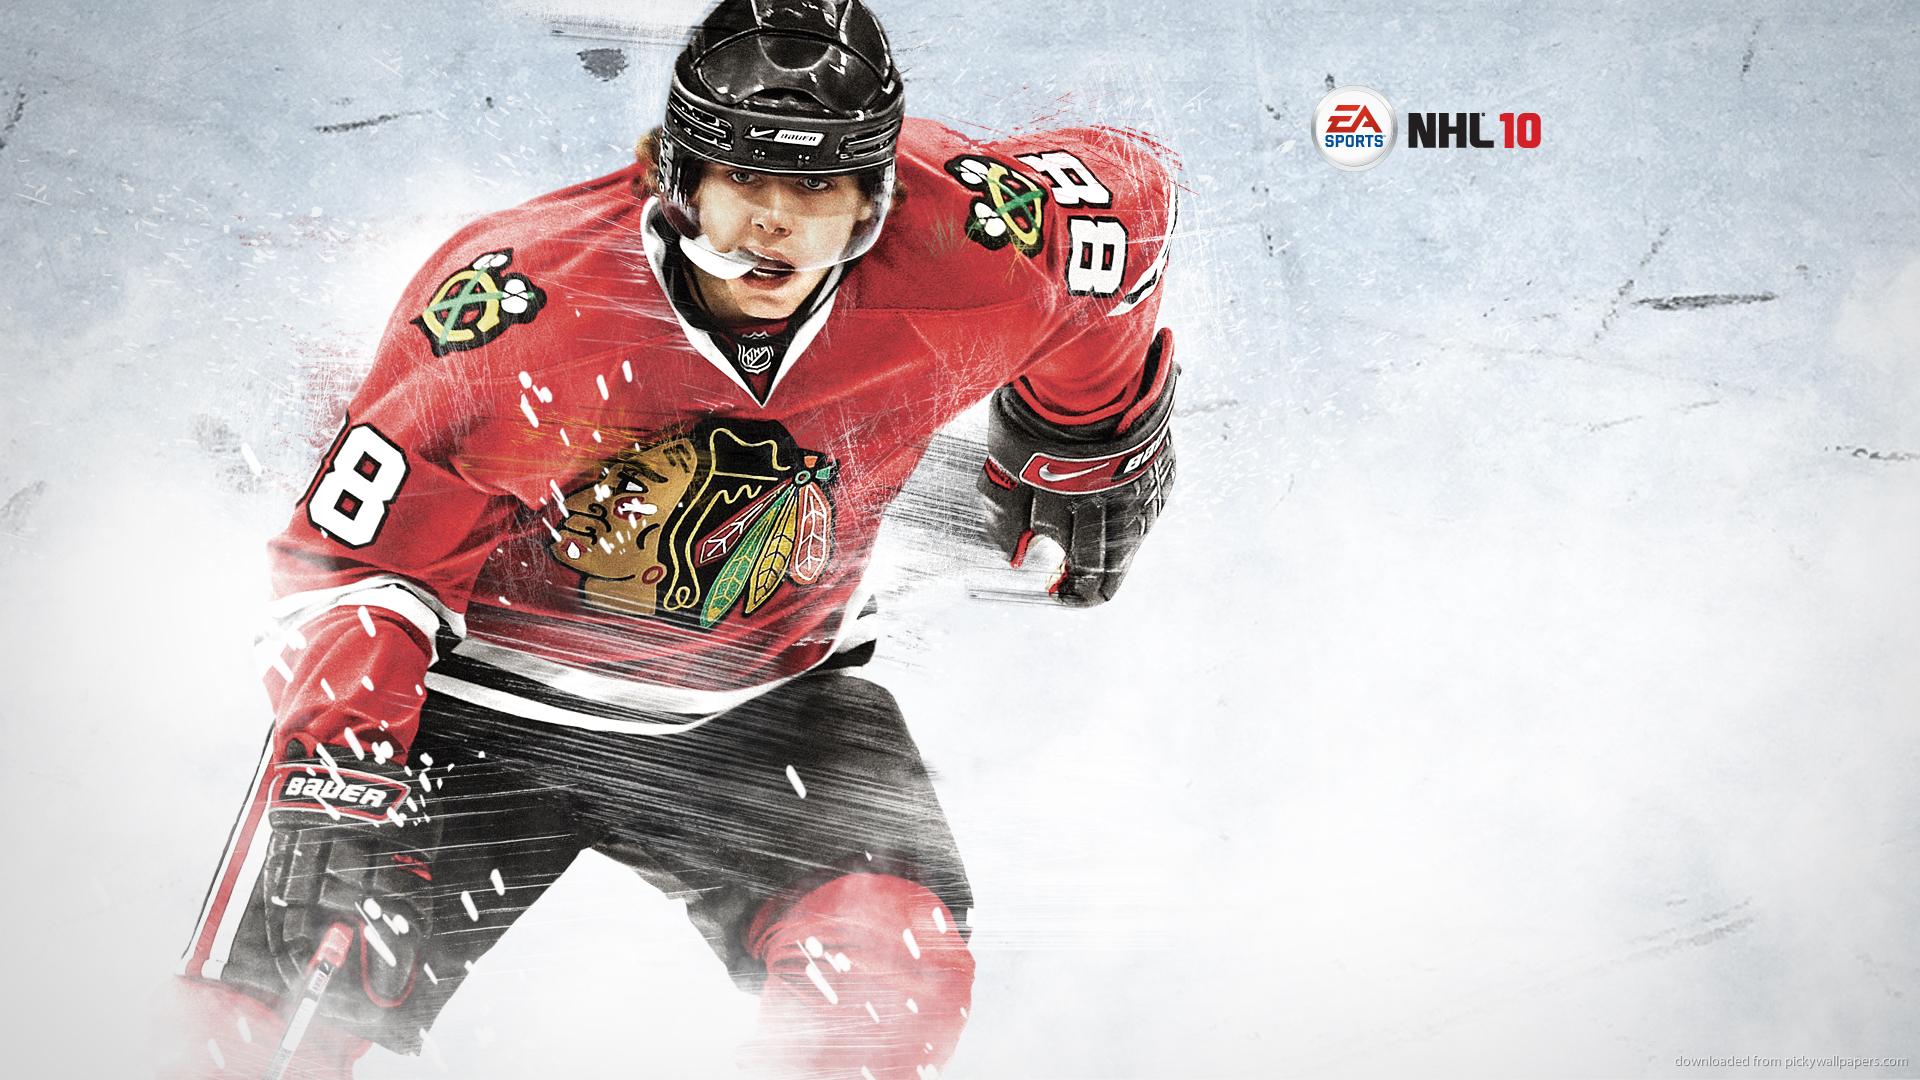 Картинки хоккей для рабочего стола